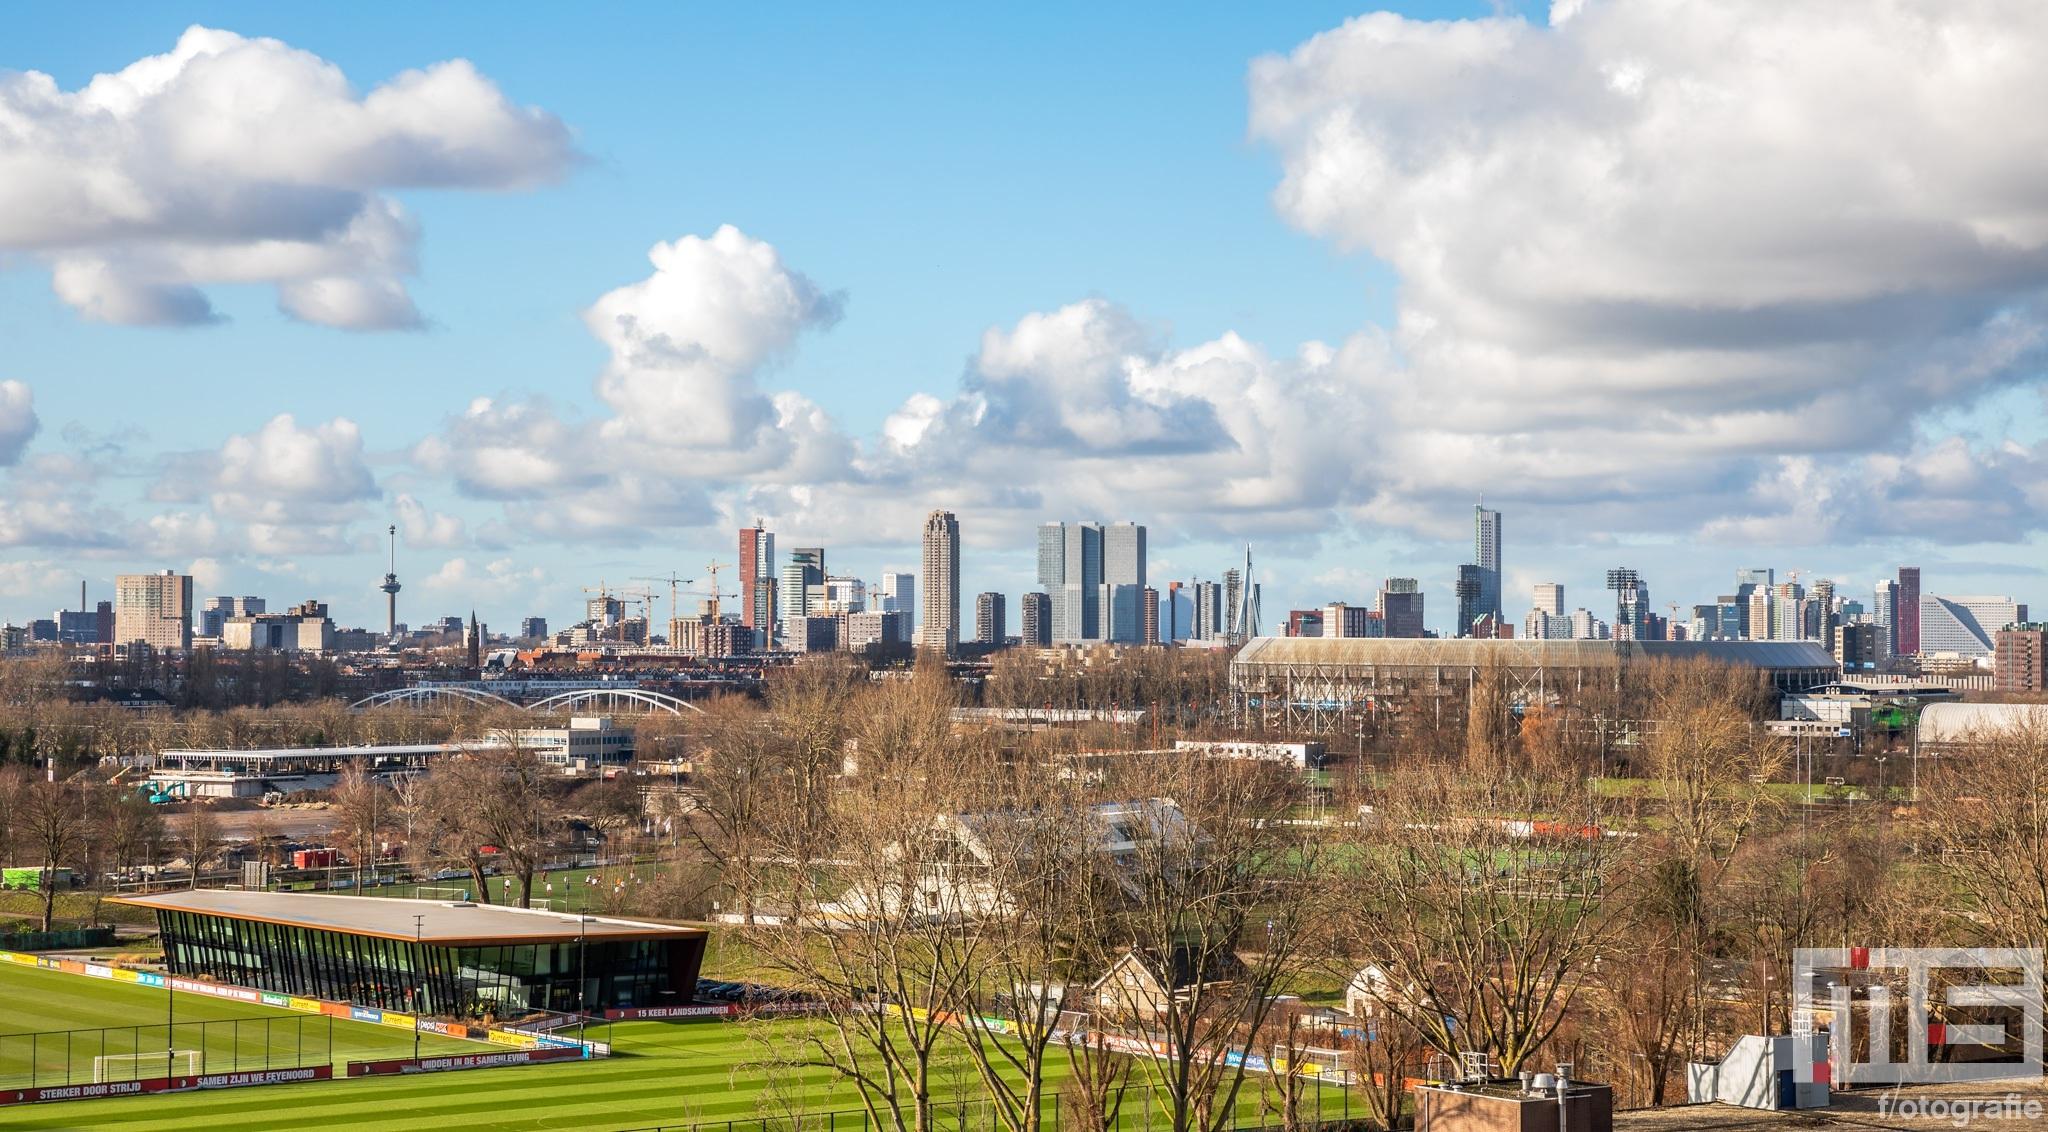 Te Koop | De skyline van Rotterdam met het Feyenoord Stadion De Kuip